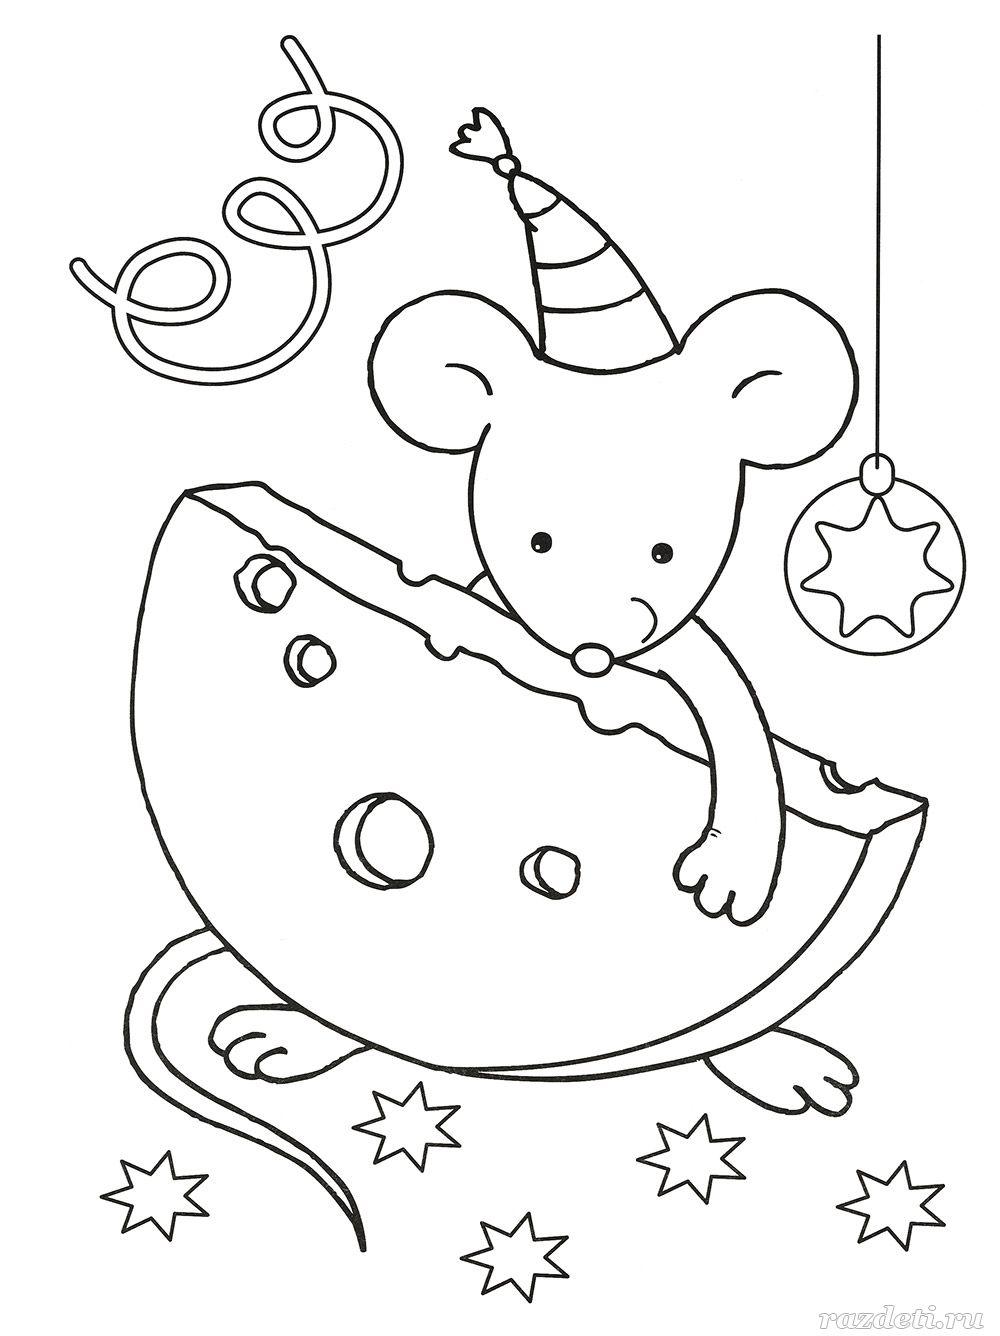 Развивающие раскраски для детей 3 лет